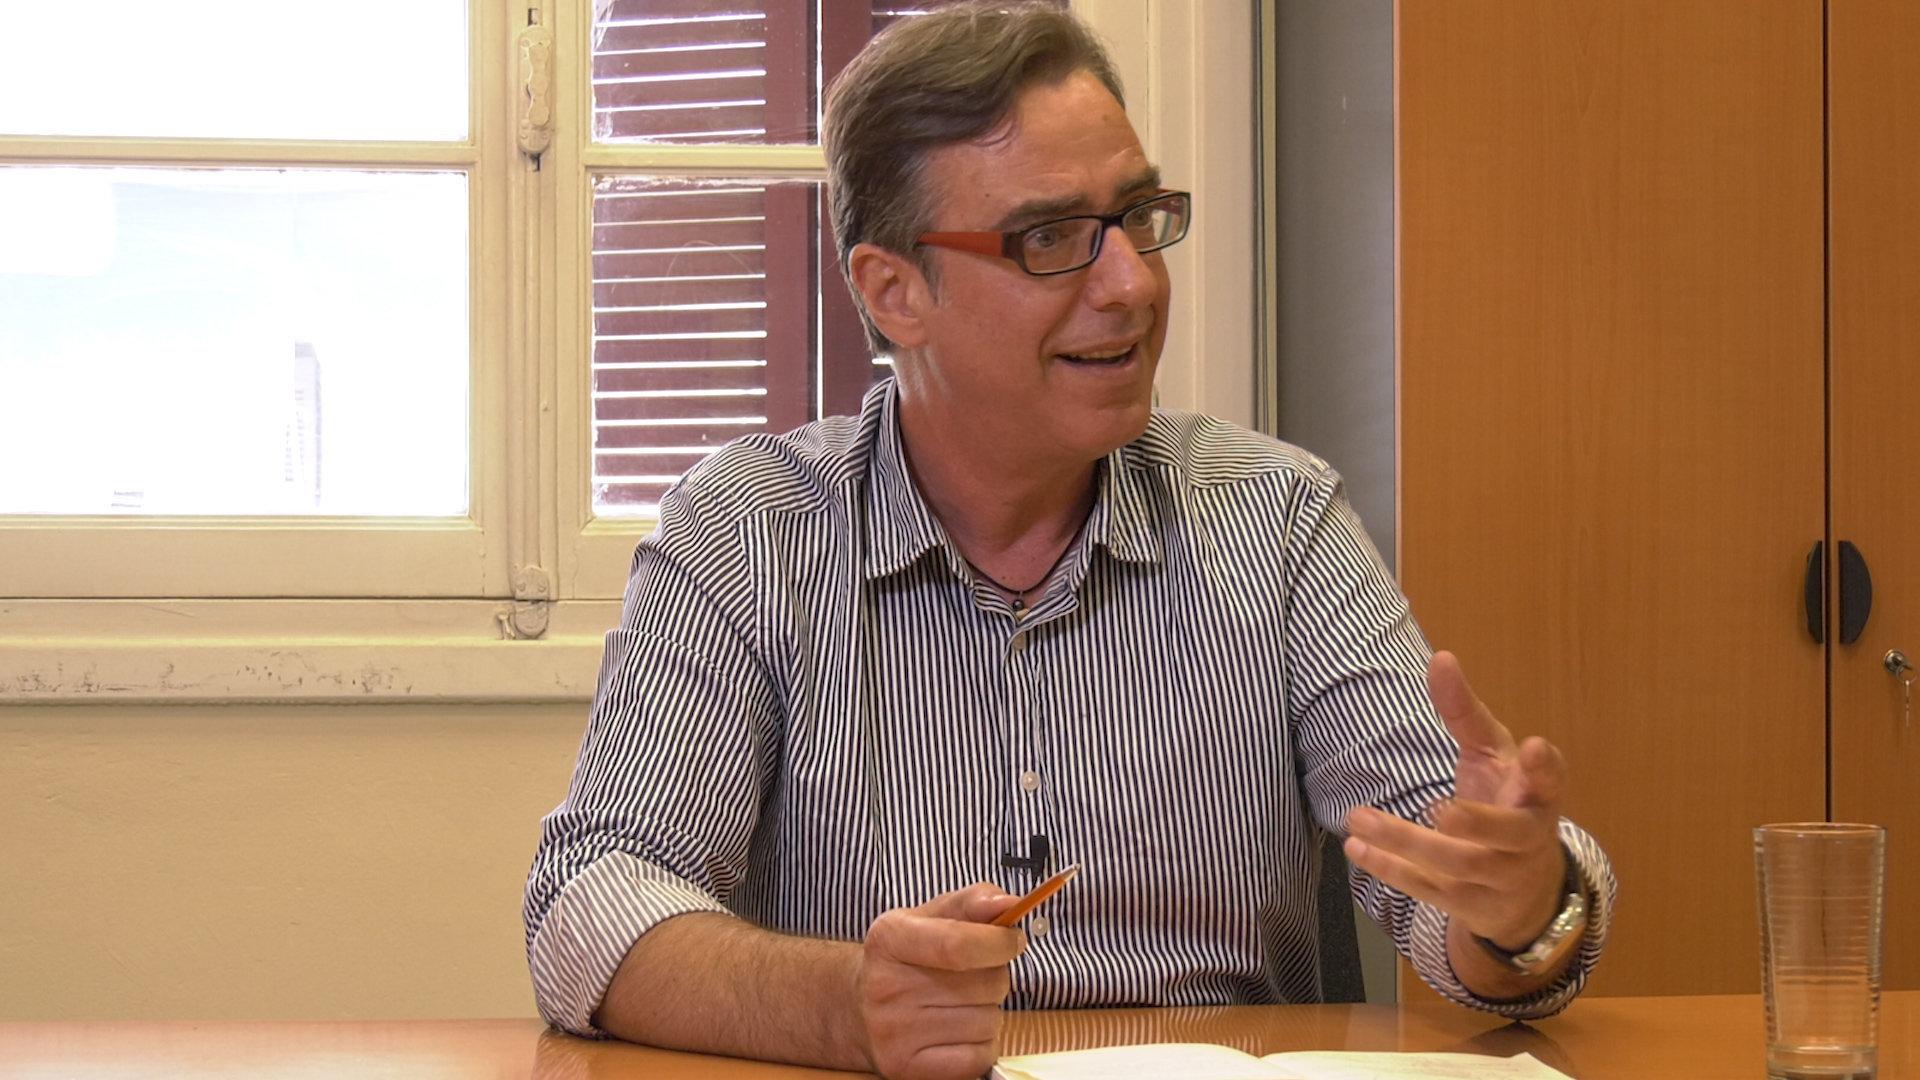 Ο Γιάννης Χαραλαμπίδης, ένας εκ των 100 ανθρώπων που επηρεάζουν την παγκόσμια ψηφιακή διακυβέρνηση, απαντά σε 10 ερωτήσεις τη...